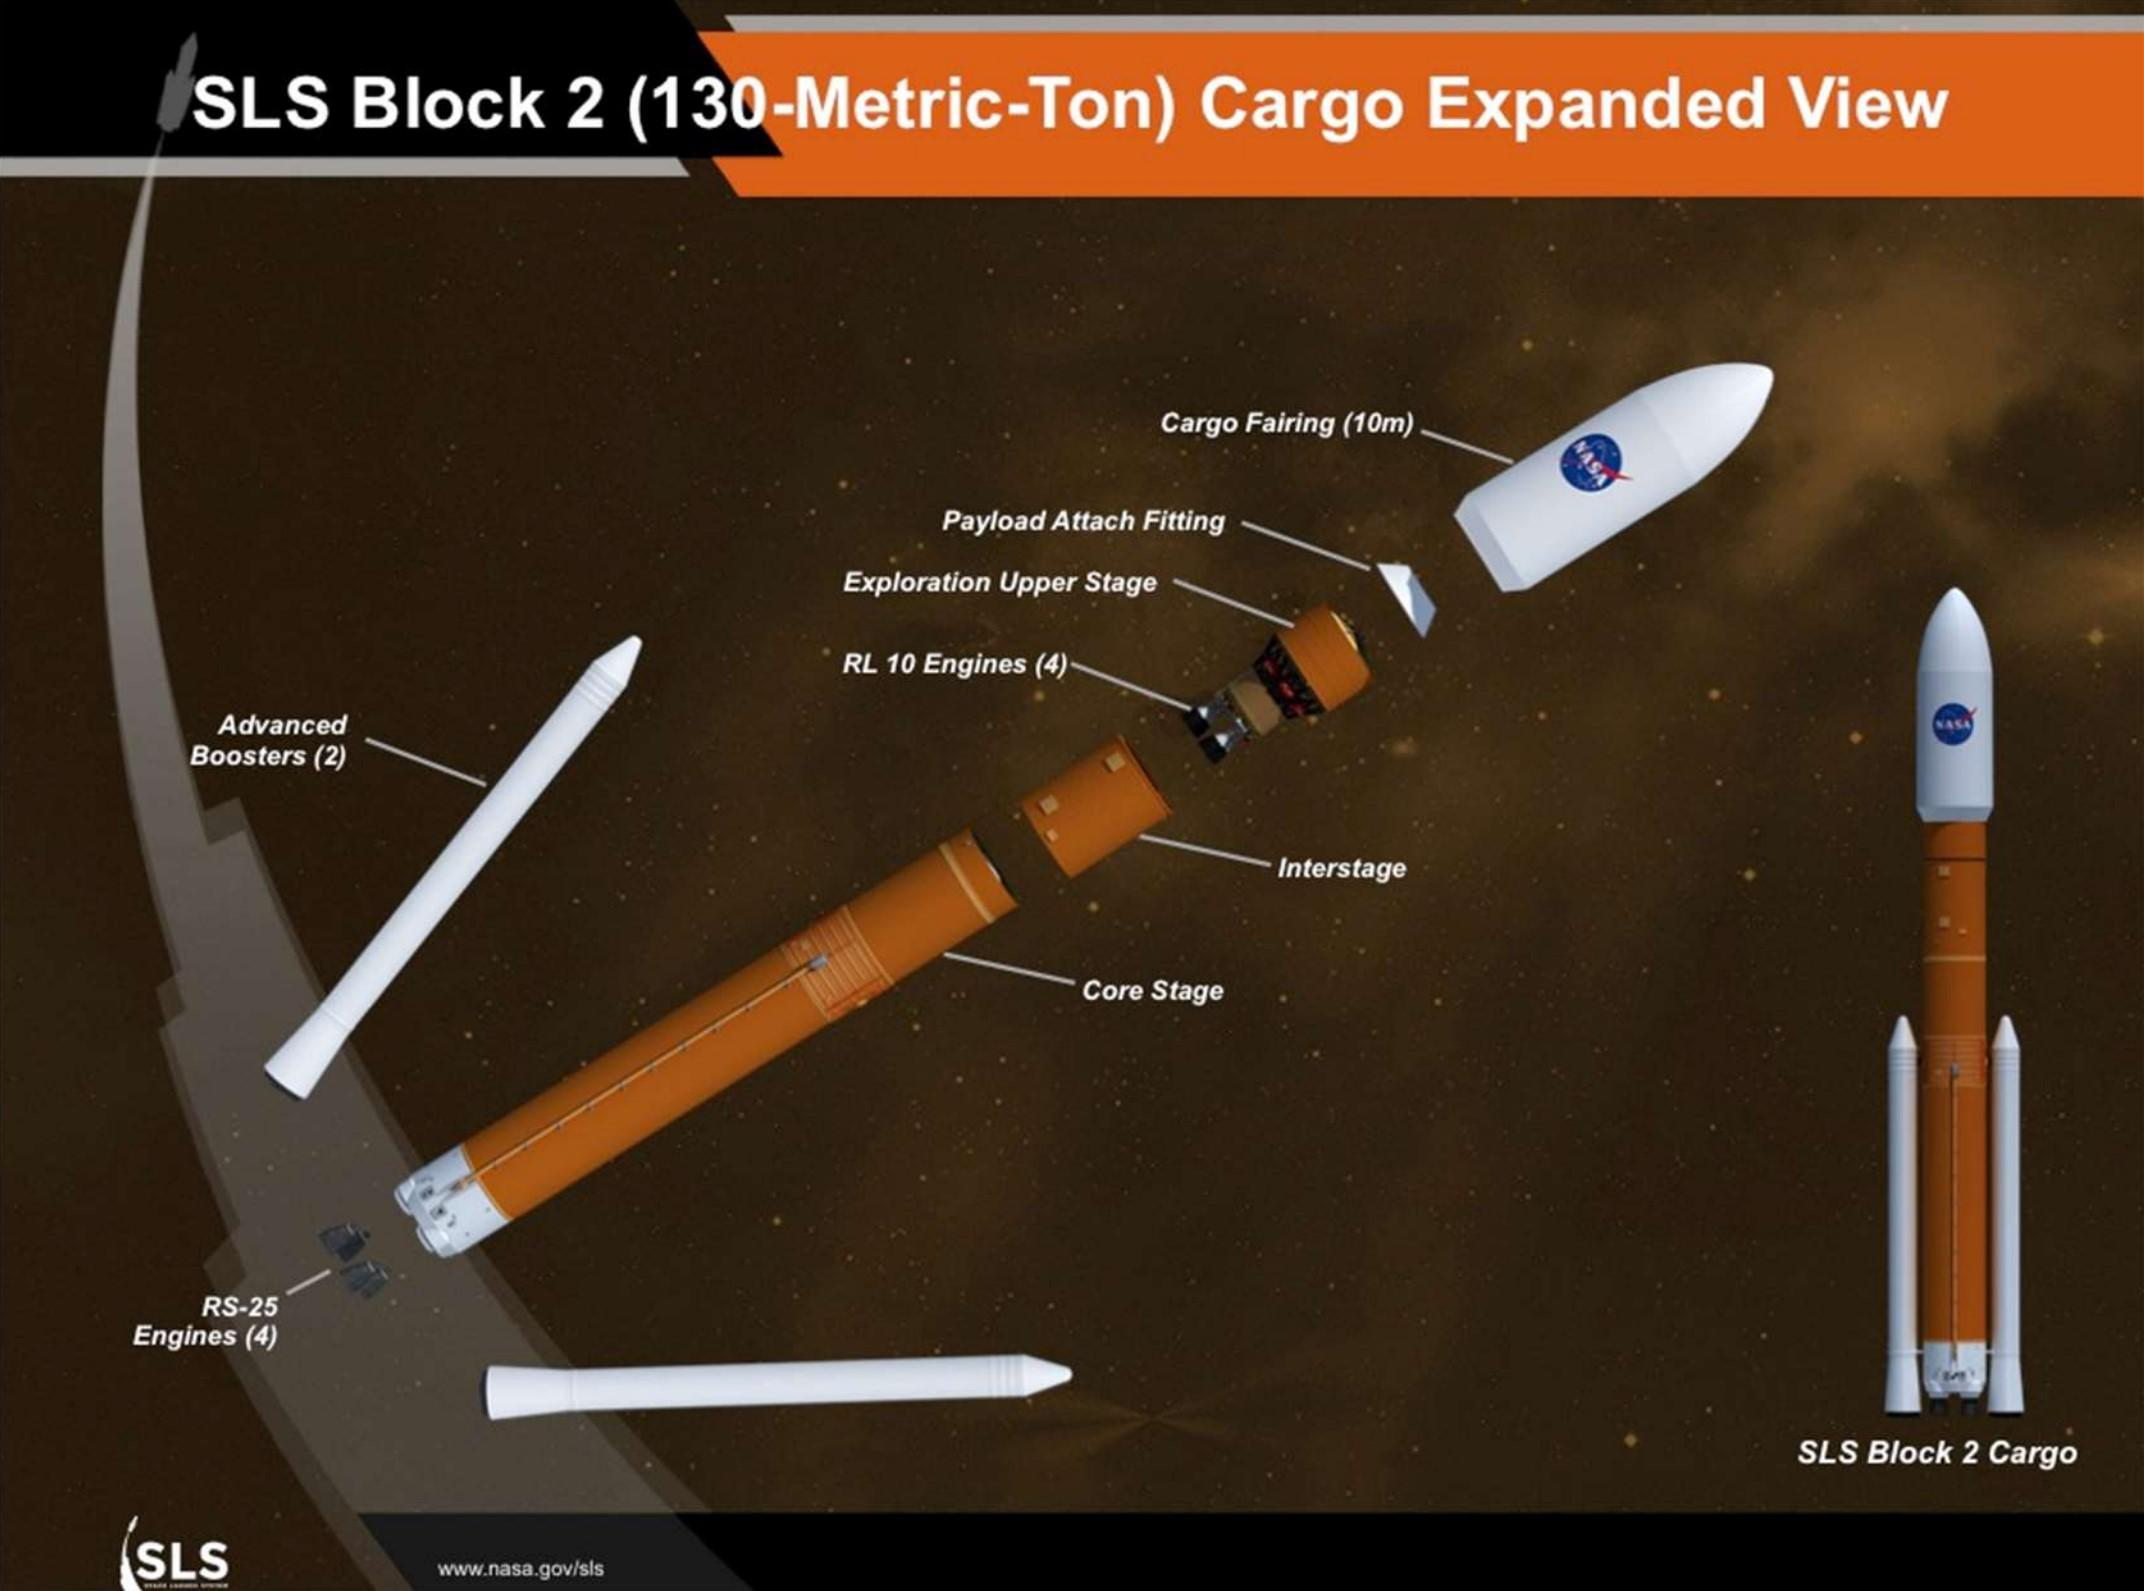 SLS Block 2 exploded view (NASA)